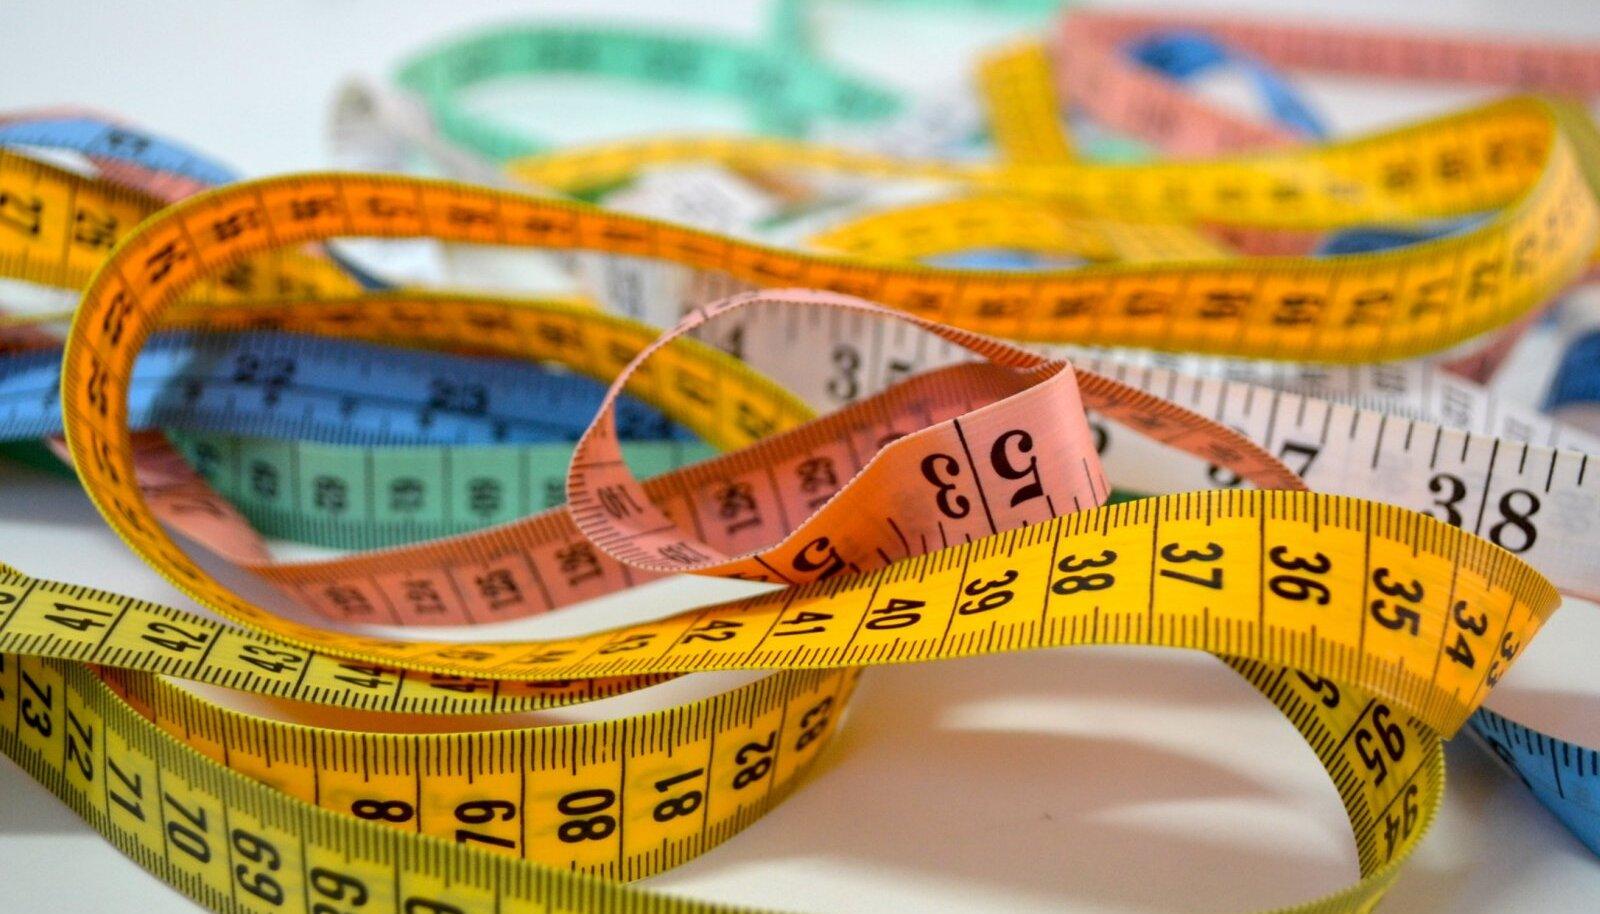 pruun rasva kulma kehakaalu langus poletage rasva 5 minuti jooksul